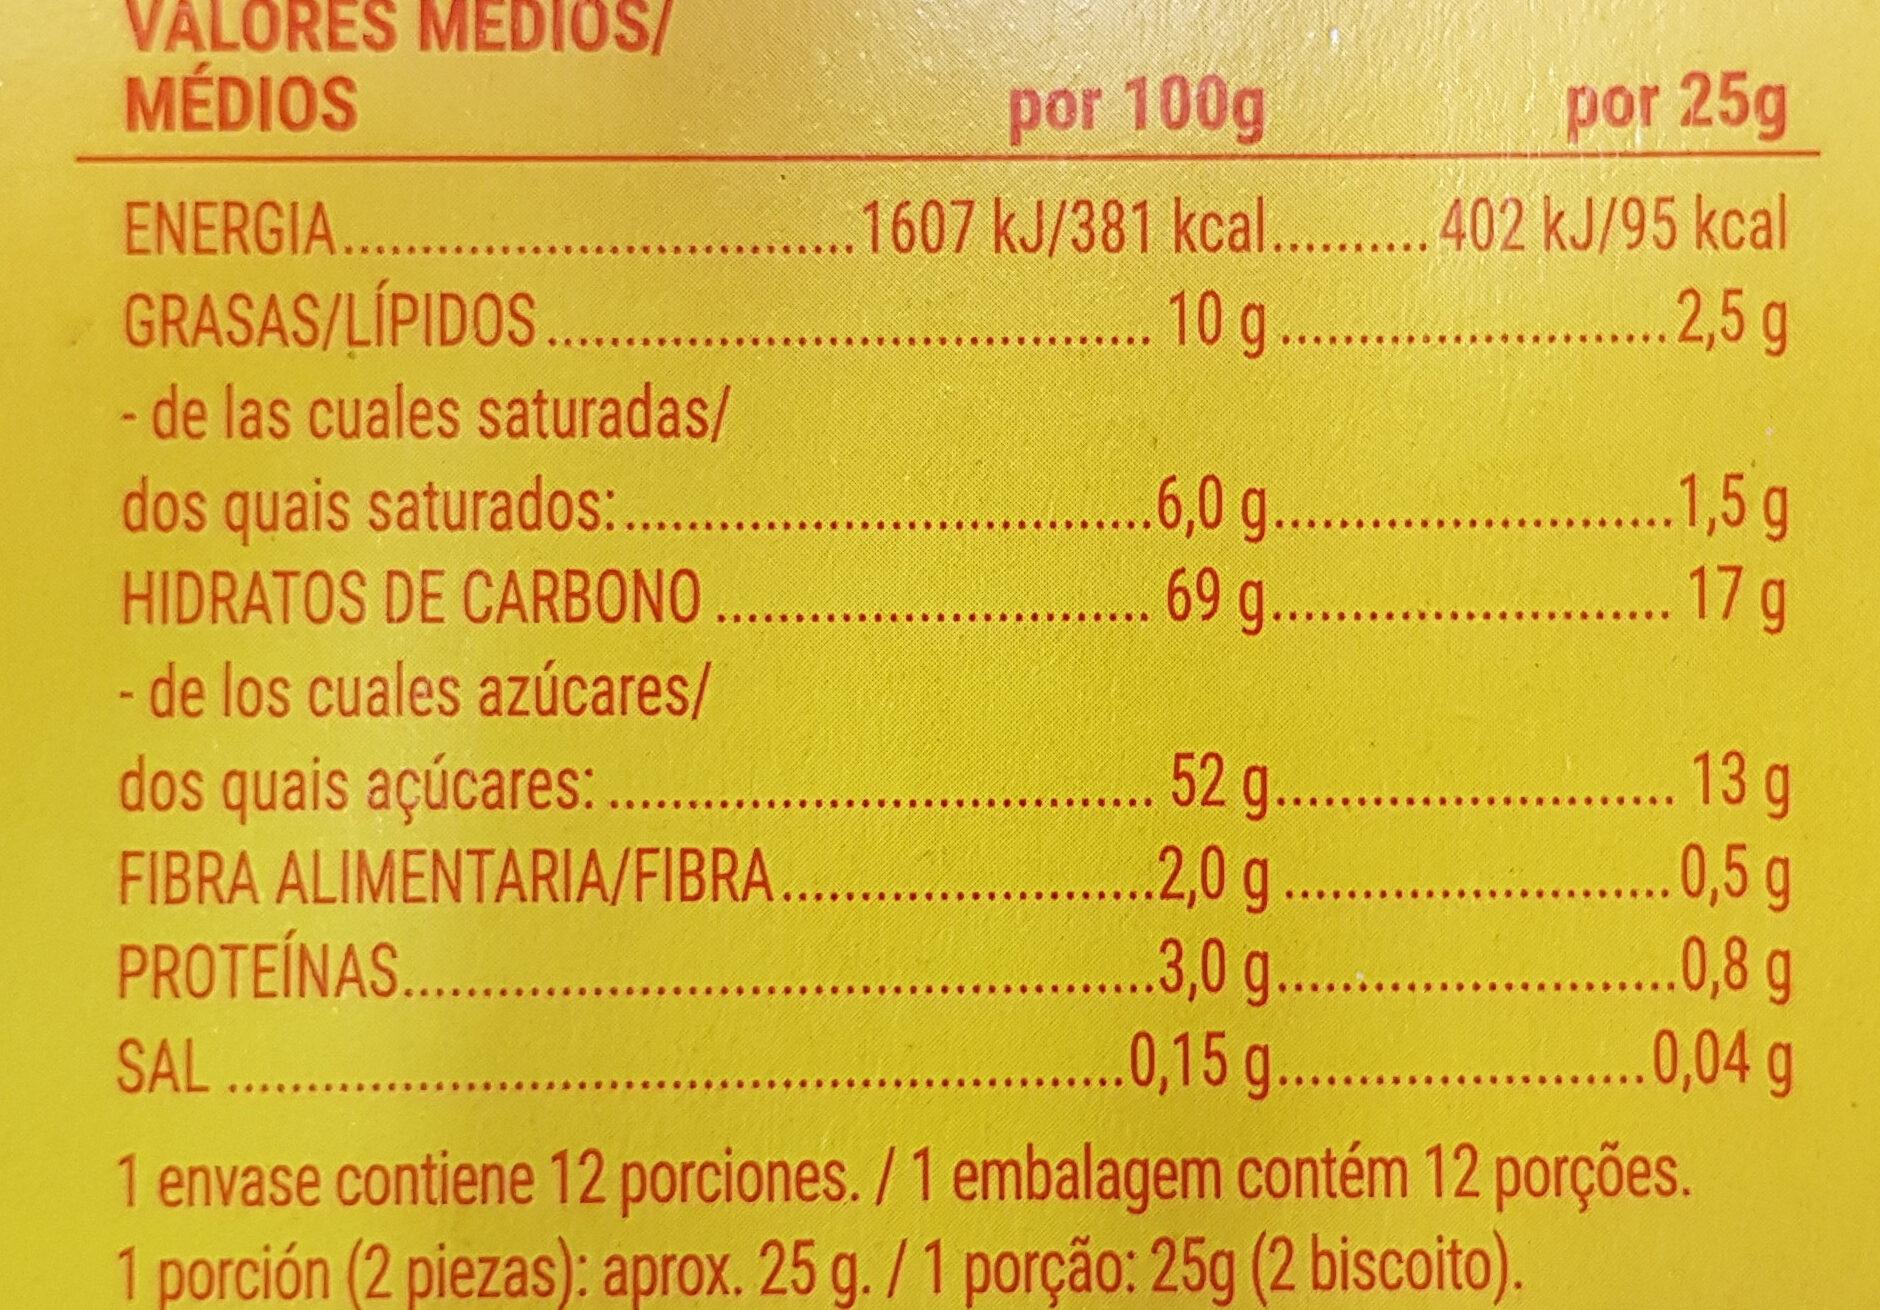 Galletas de naranja - Información nutricional - es